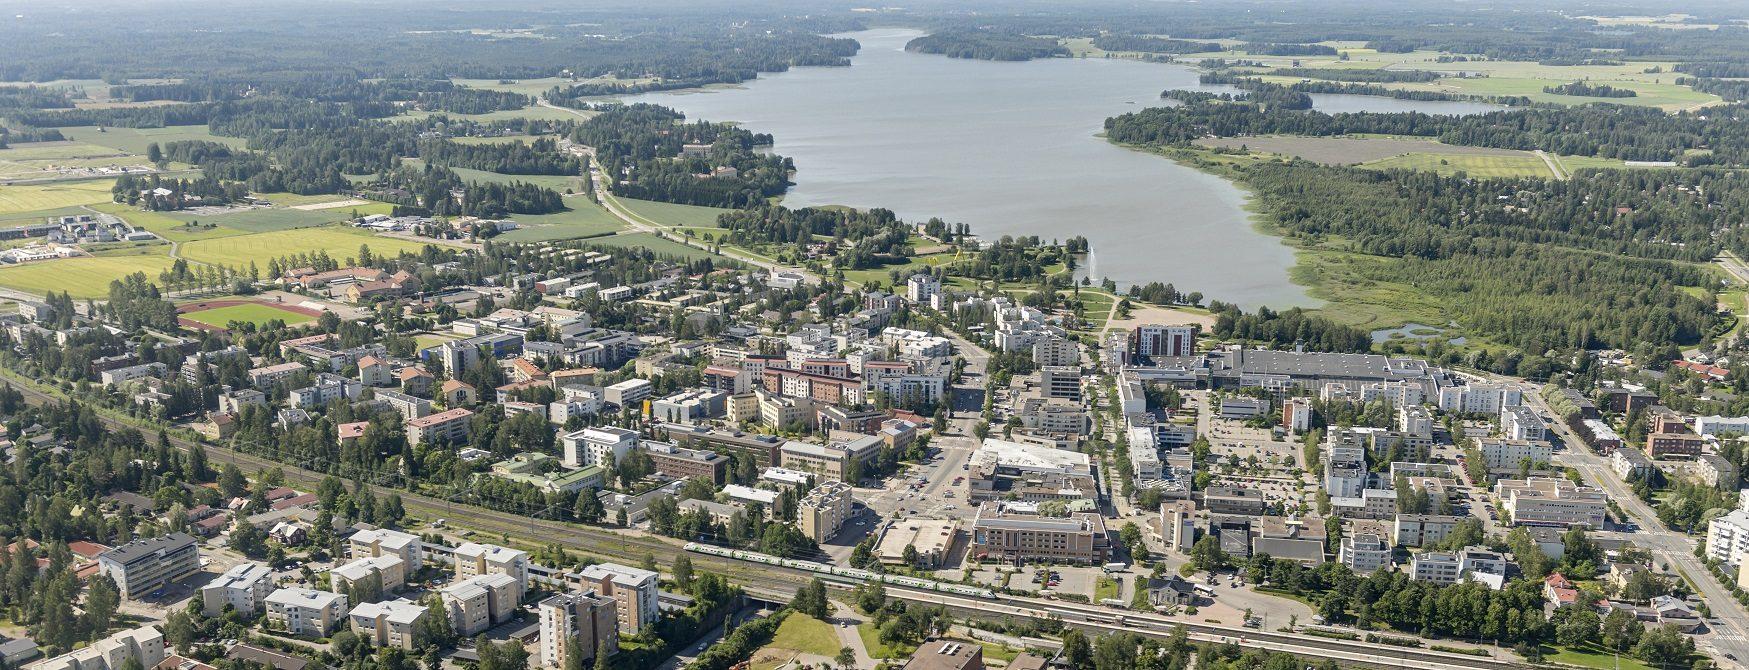 Uudenmaan 35. maanpuolustuspäivä Järvenpäässä lauantaina 7.10.2017